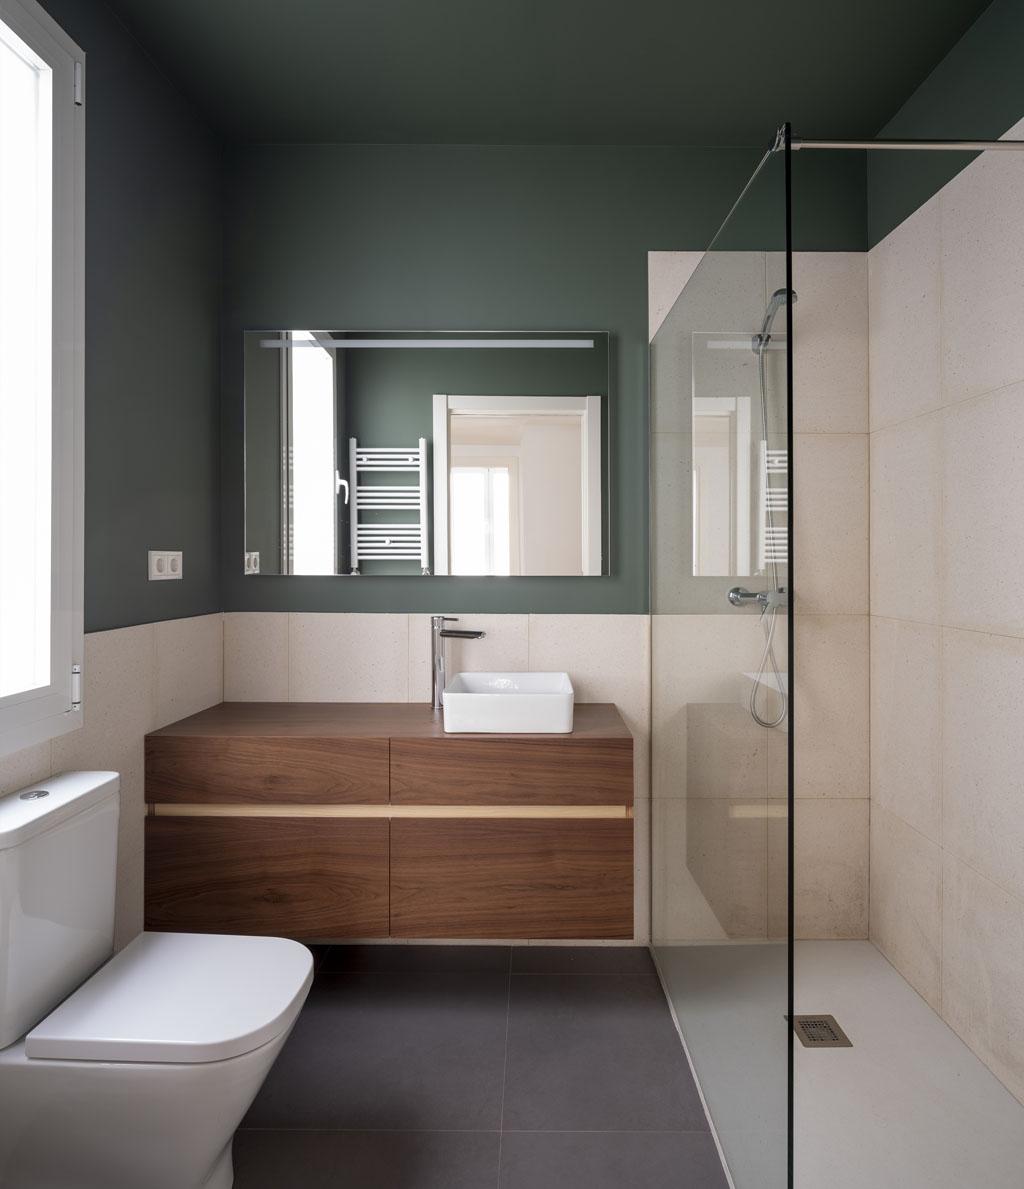 GERNIKA_web_014-Erlantz Biderbost fotografo de arquitectura e interiores